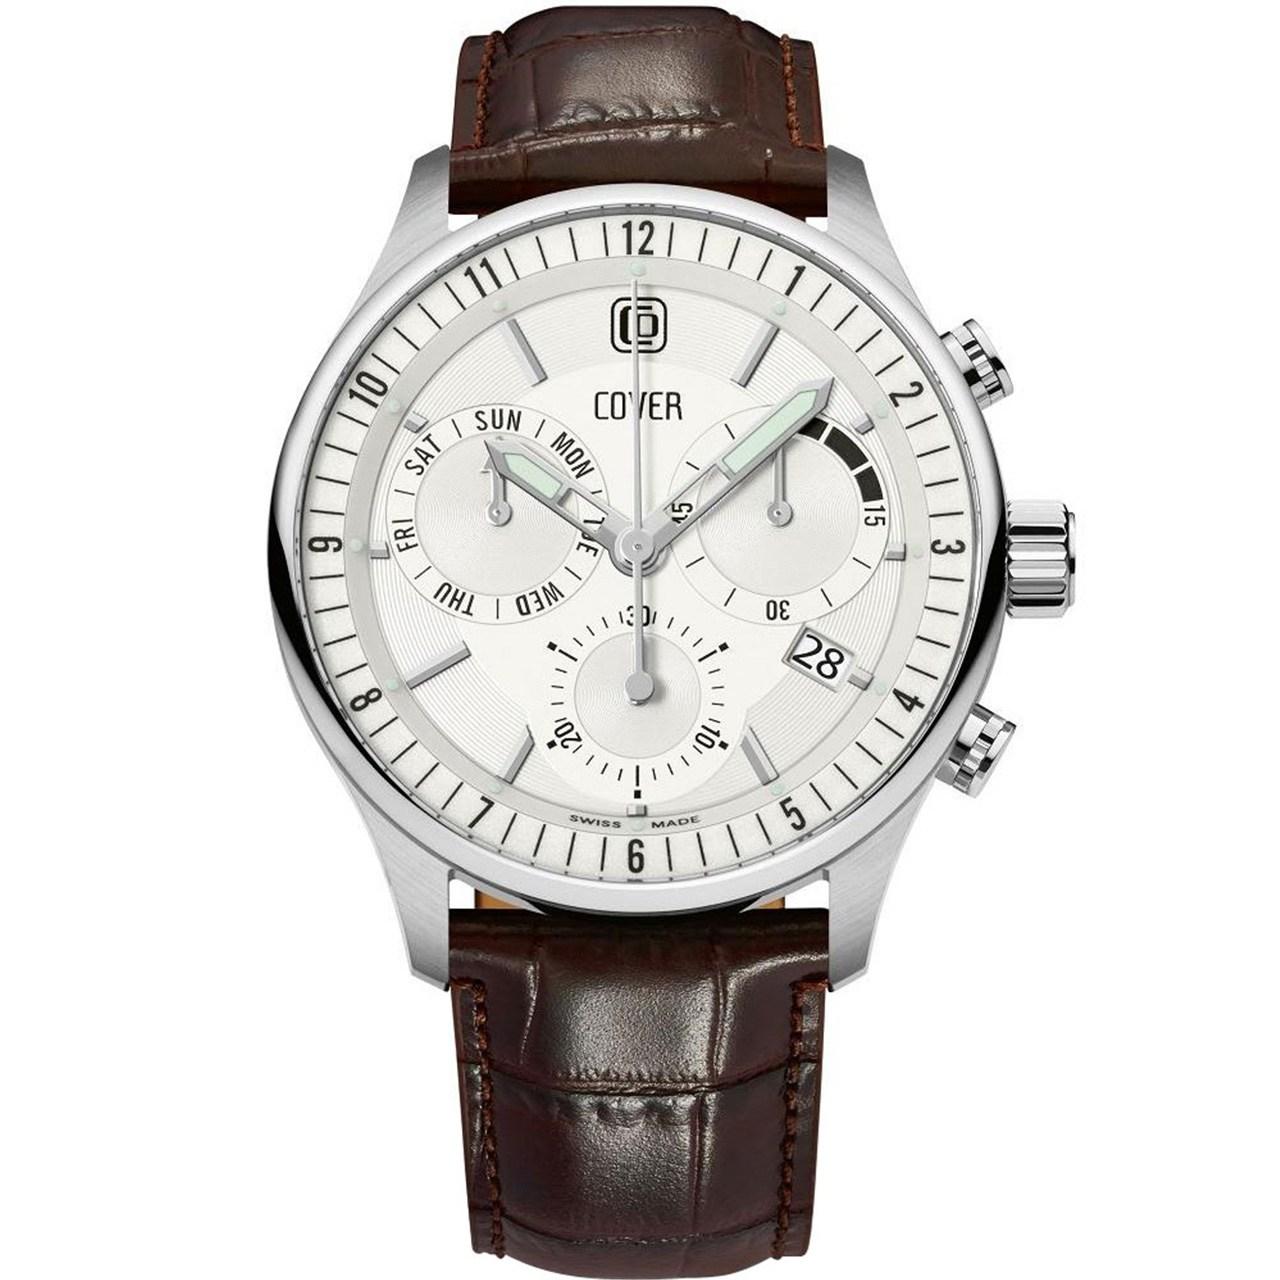 ساعت مچی عقربه ای مردانه کاور مدل Co181.04